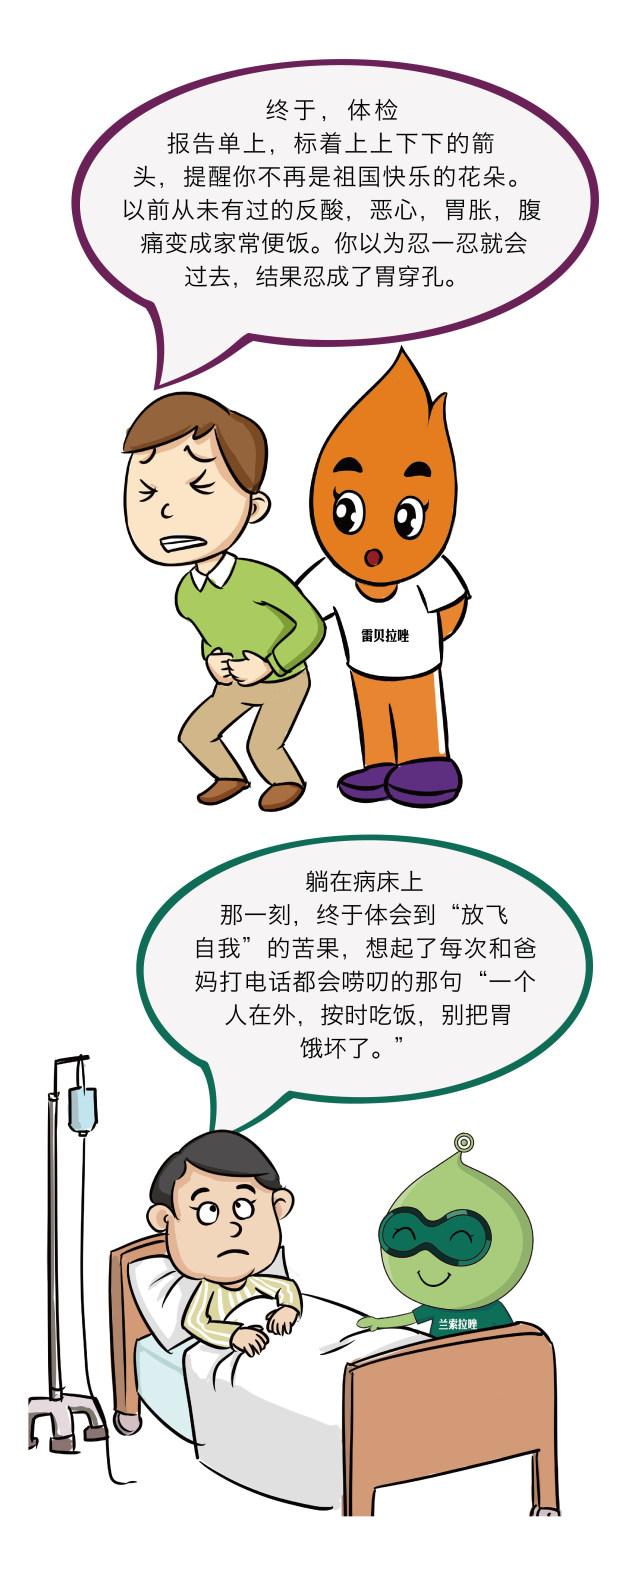 胃健康-04.jpg